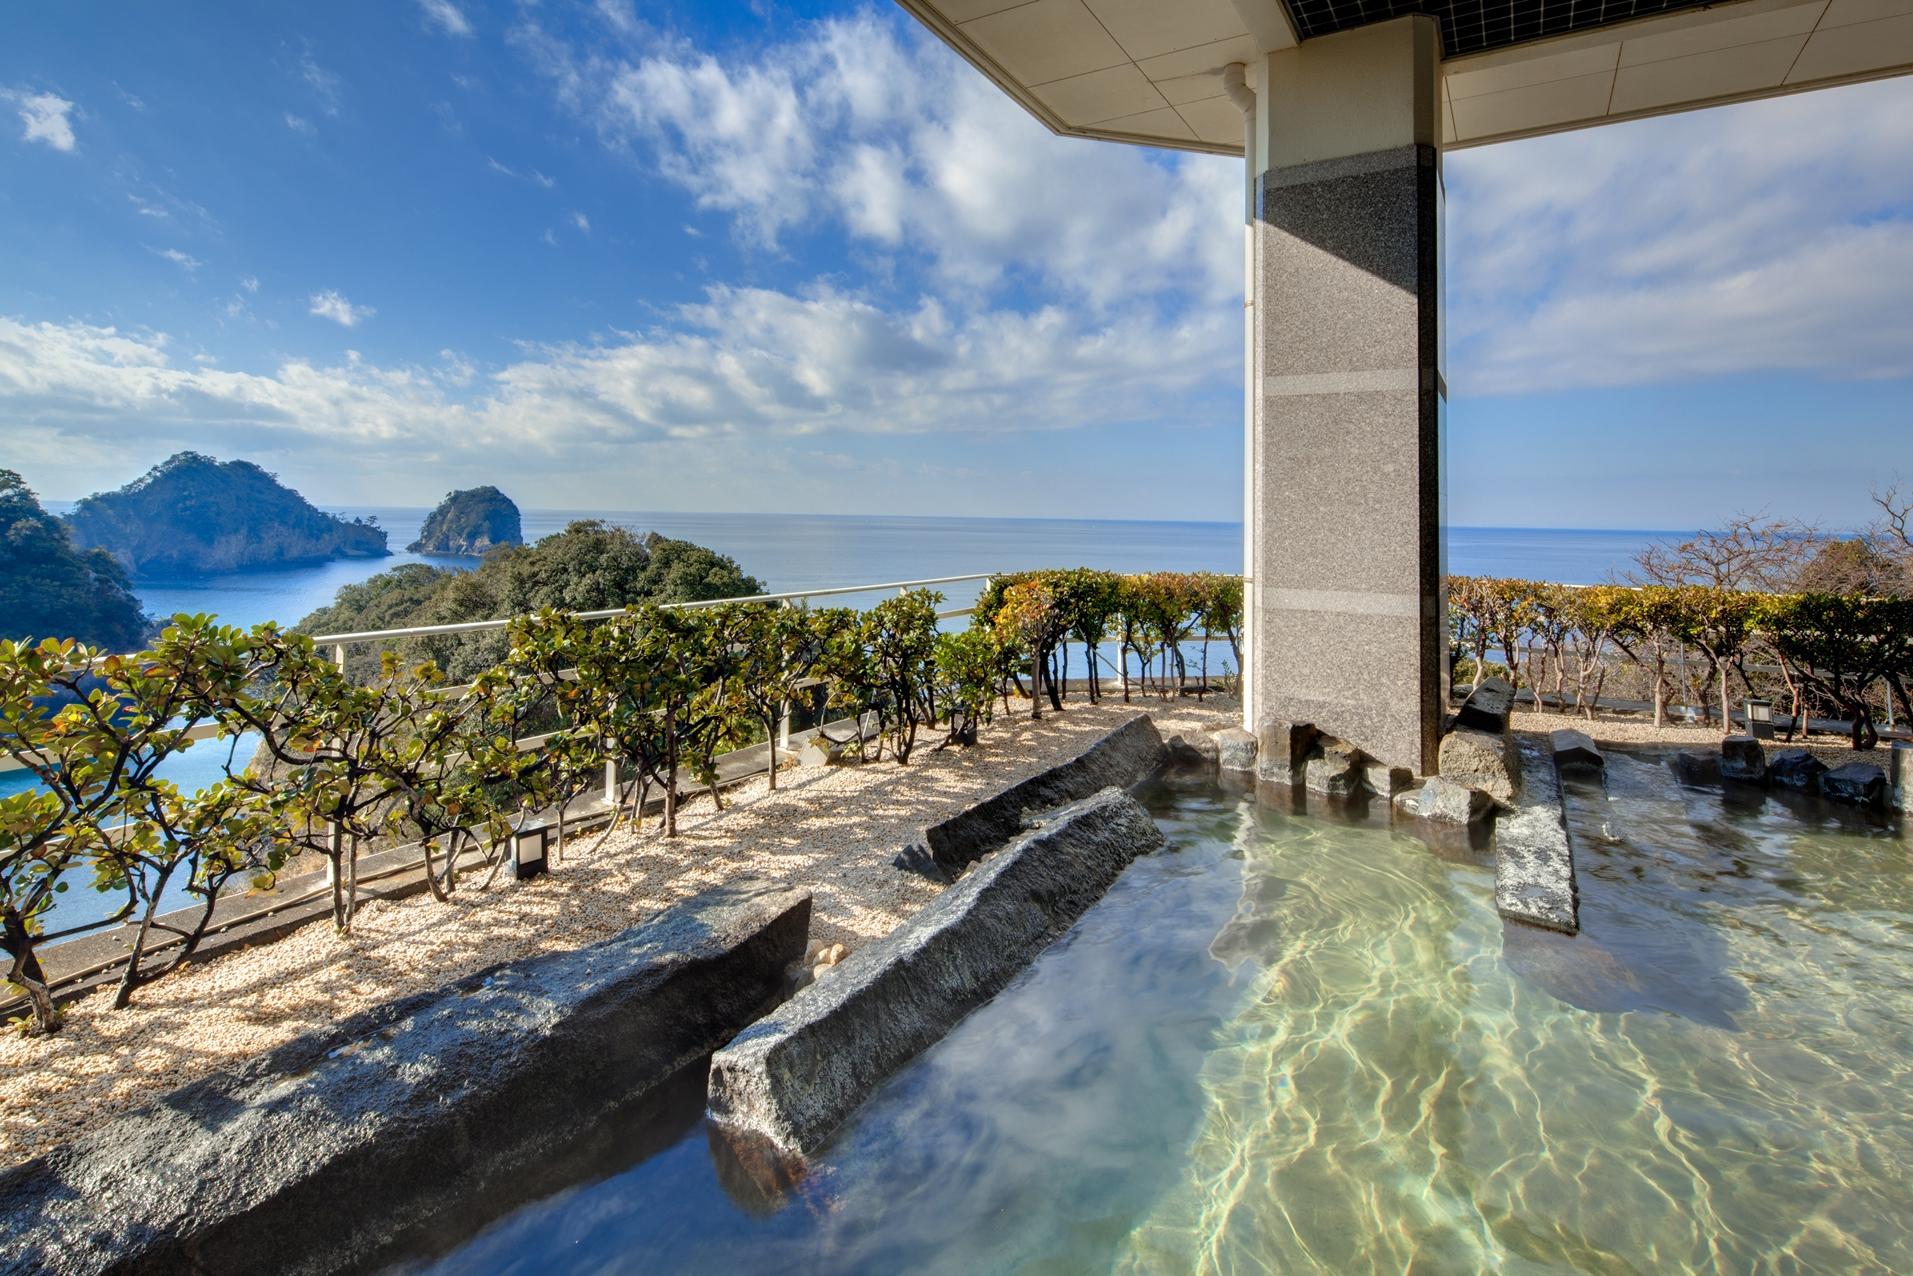 【露天風呂】広大な海と島々を眺めながら温泉に浸かるとっておきの一時